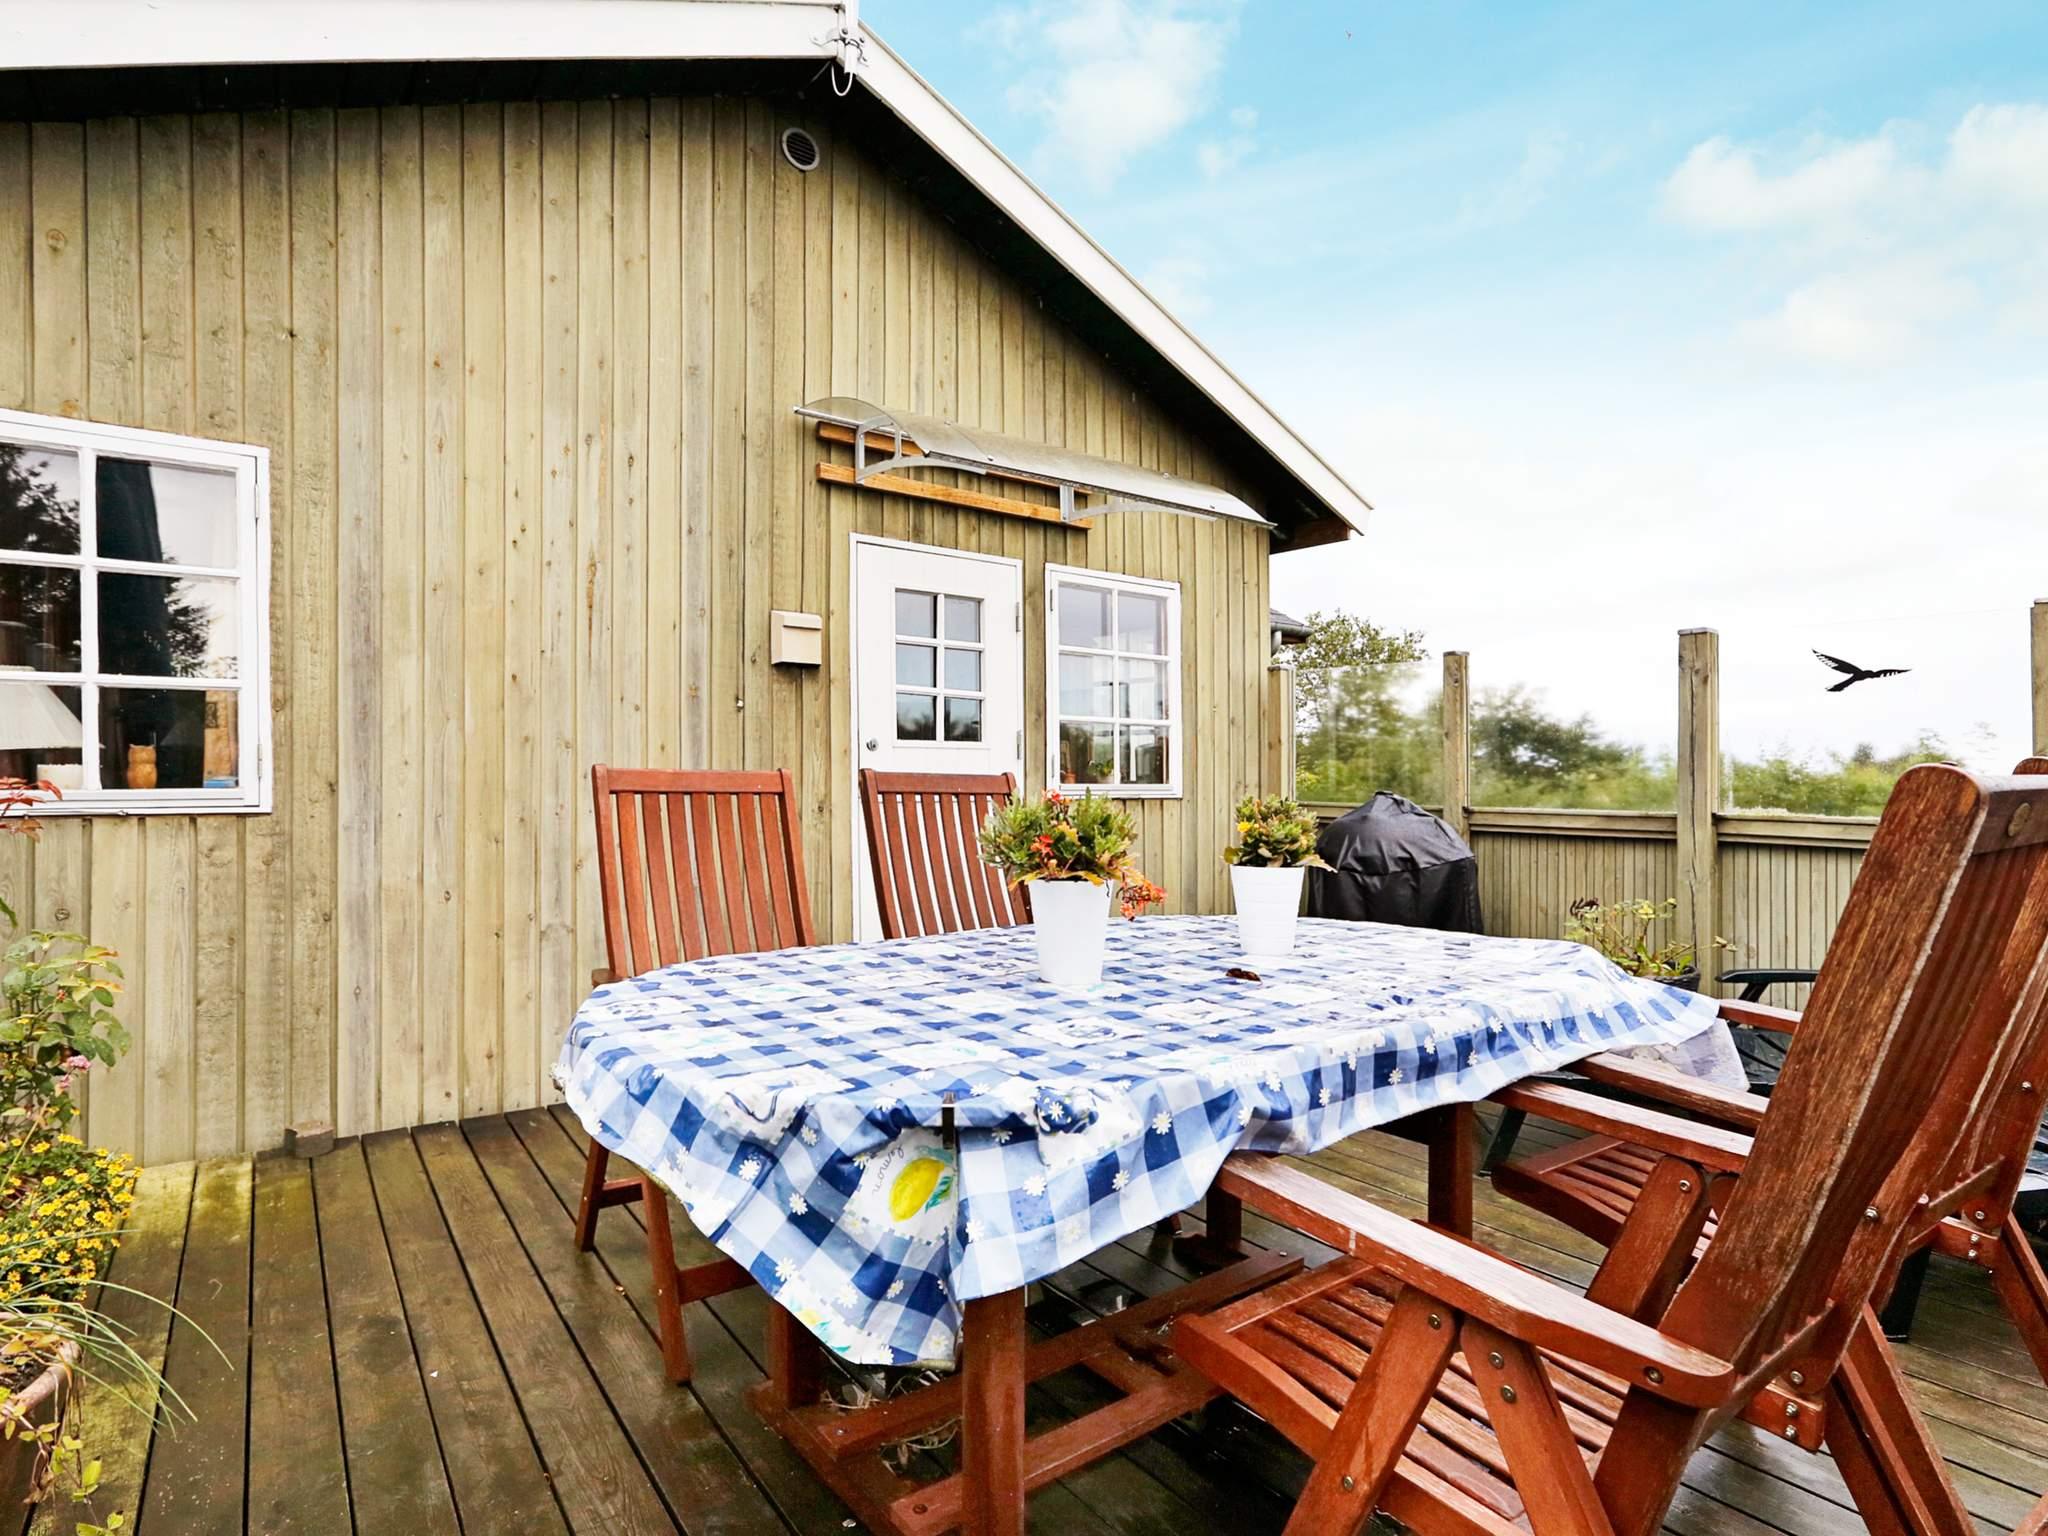 Ferienhaus Rågeleje (921041), Rågeleje, , Nordseeland, Dänemark, Bild 29